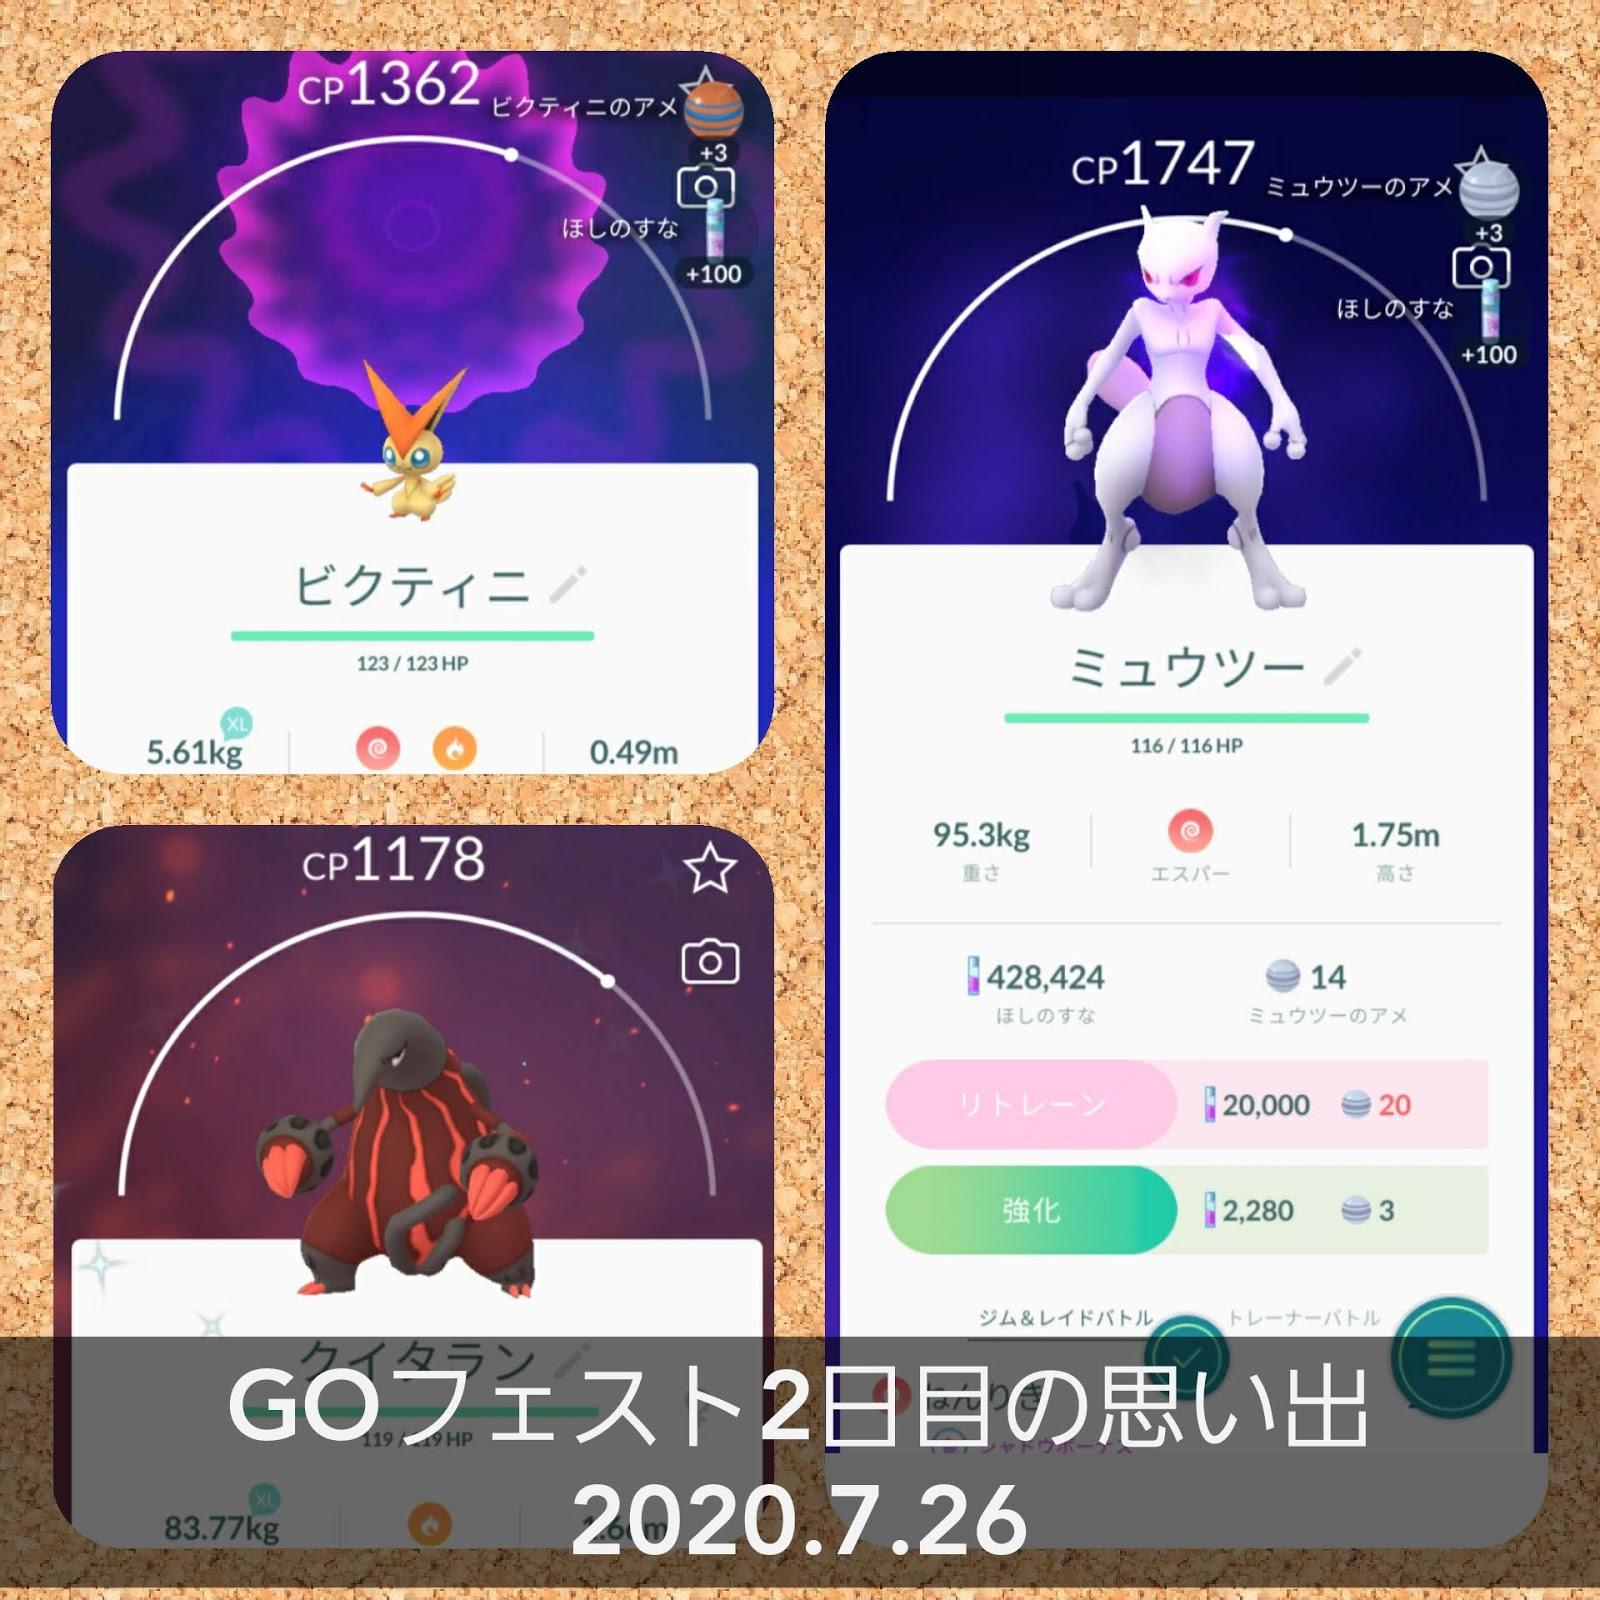 フェスト 日 目 2 go ポケモン 2020